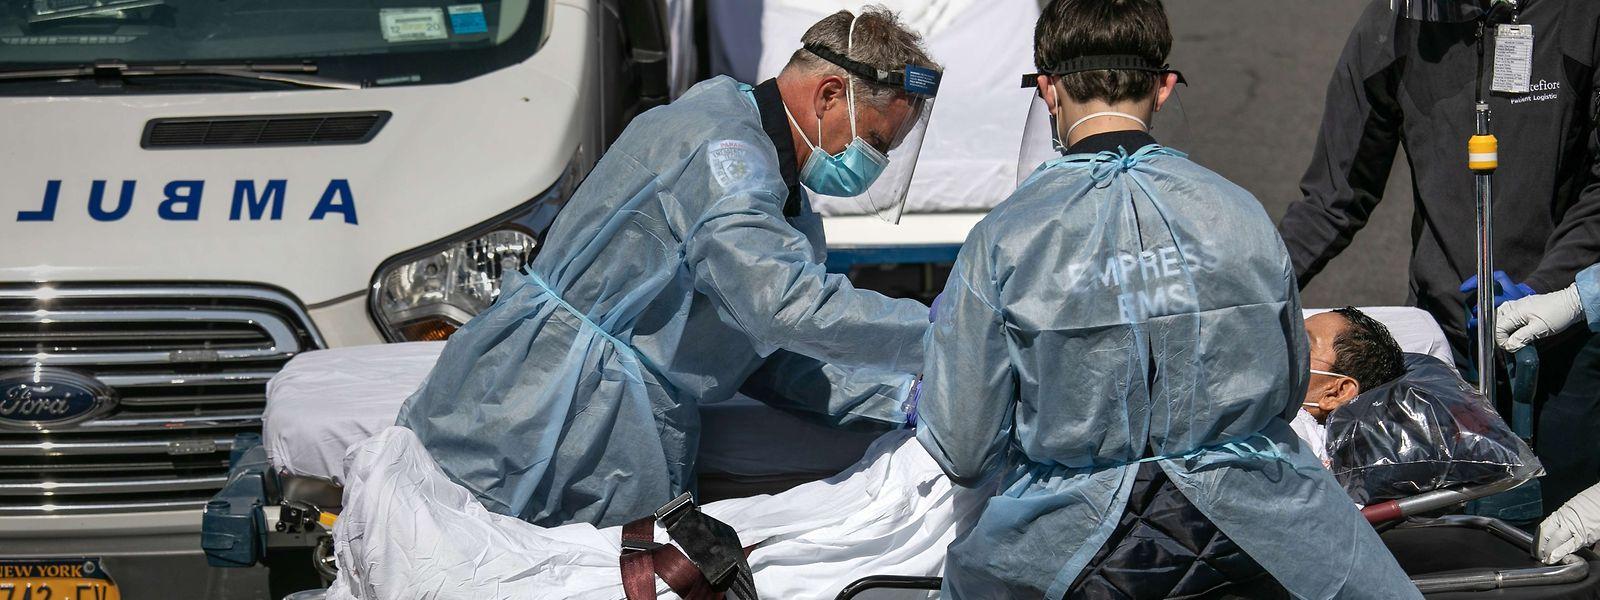 Allein in New York wurden 140.000 Infektionsfälle gezählt.